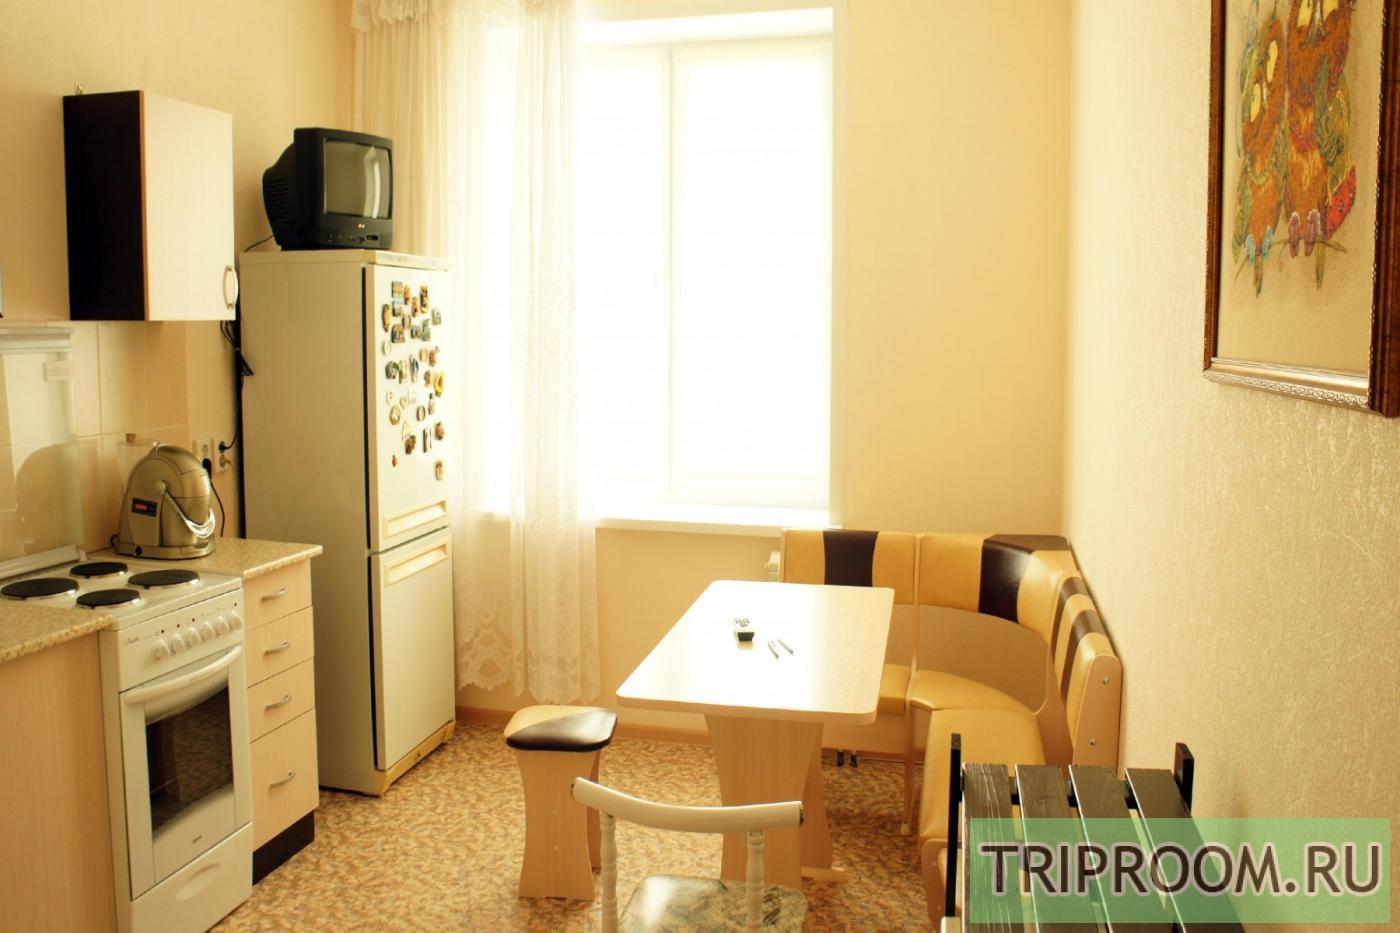 1-комнатная квартира посуточно (вариант № 23100), ул. Московская улица, фото № 1